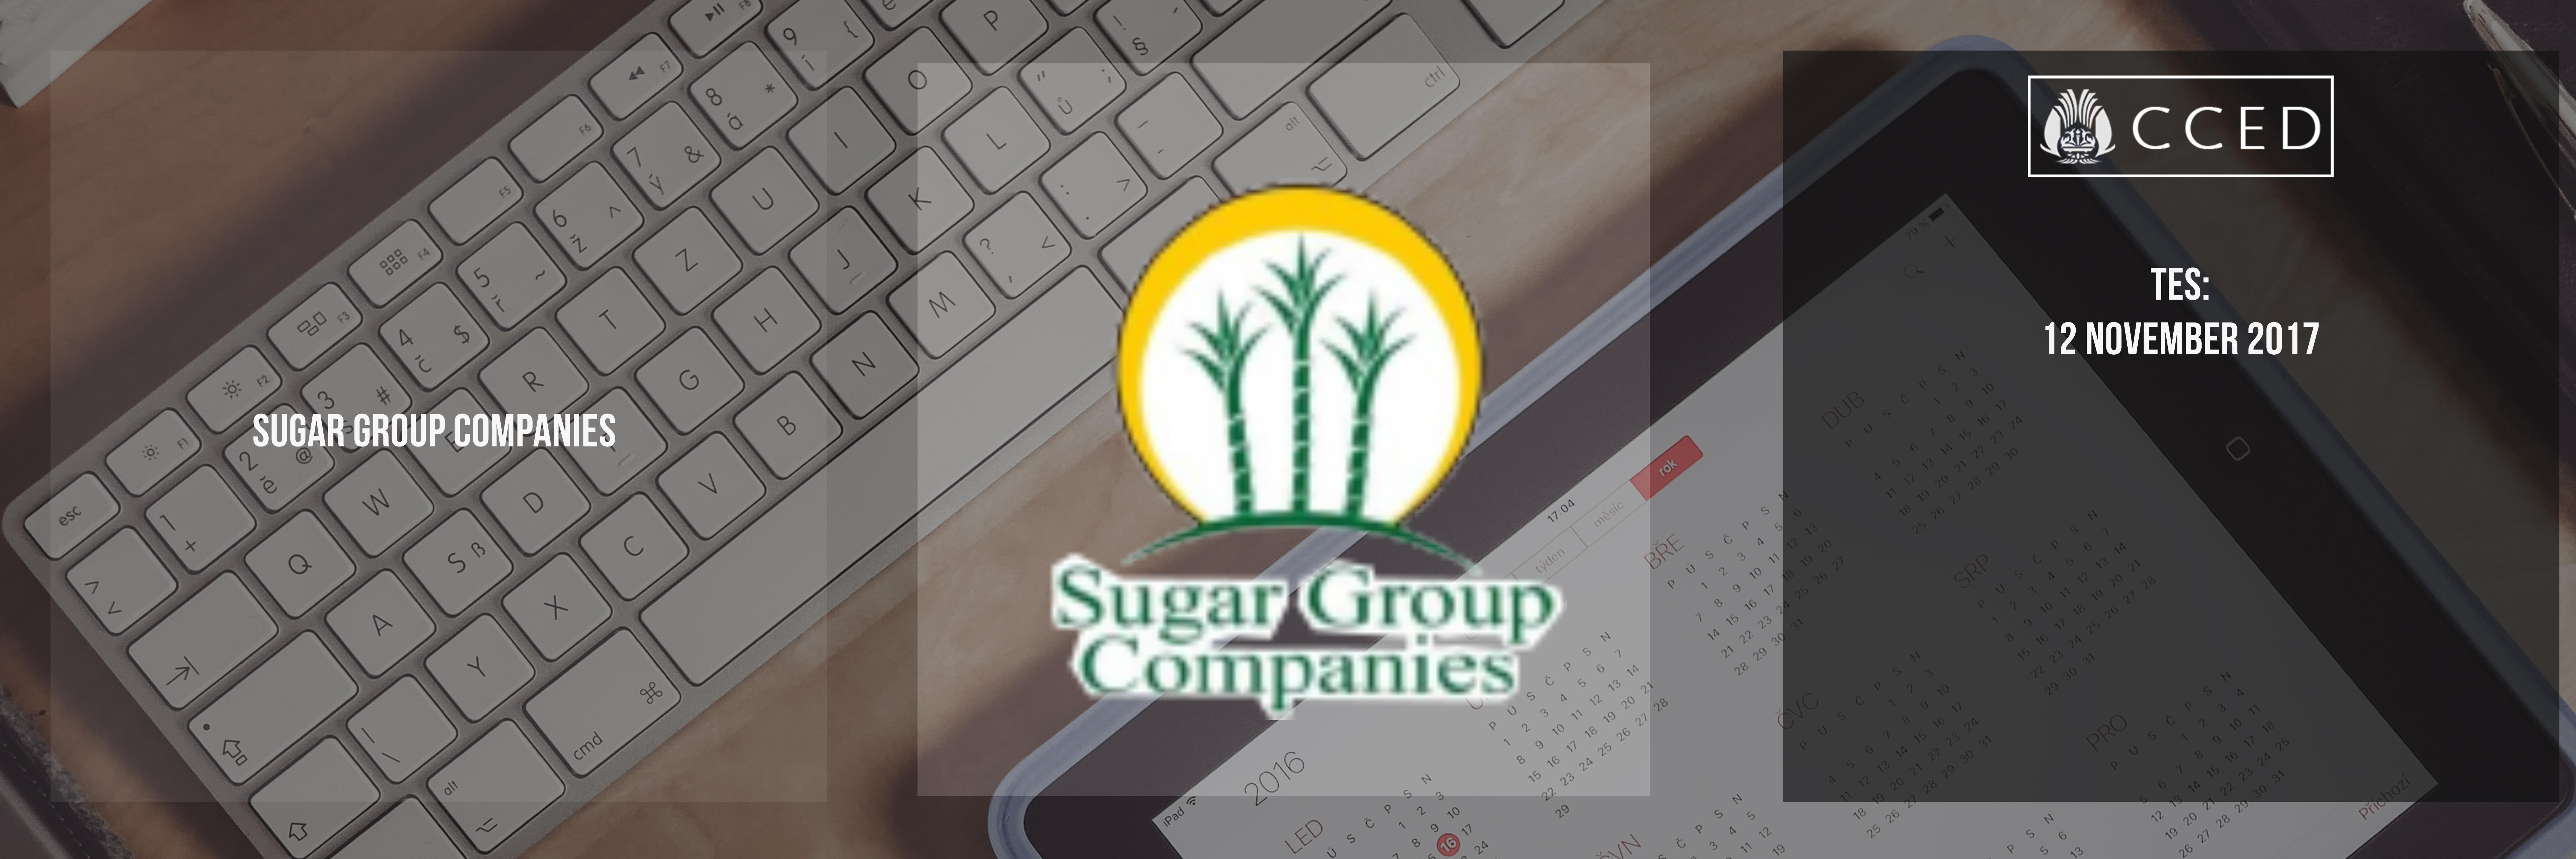 peserta-tes-tertulis-sugar-group-companies